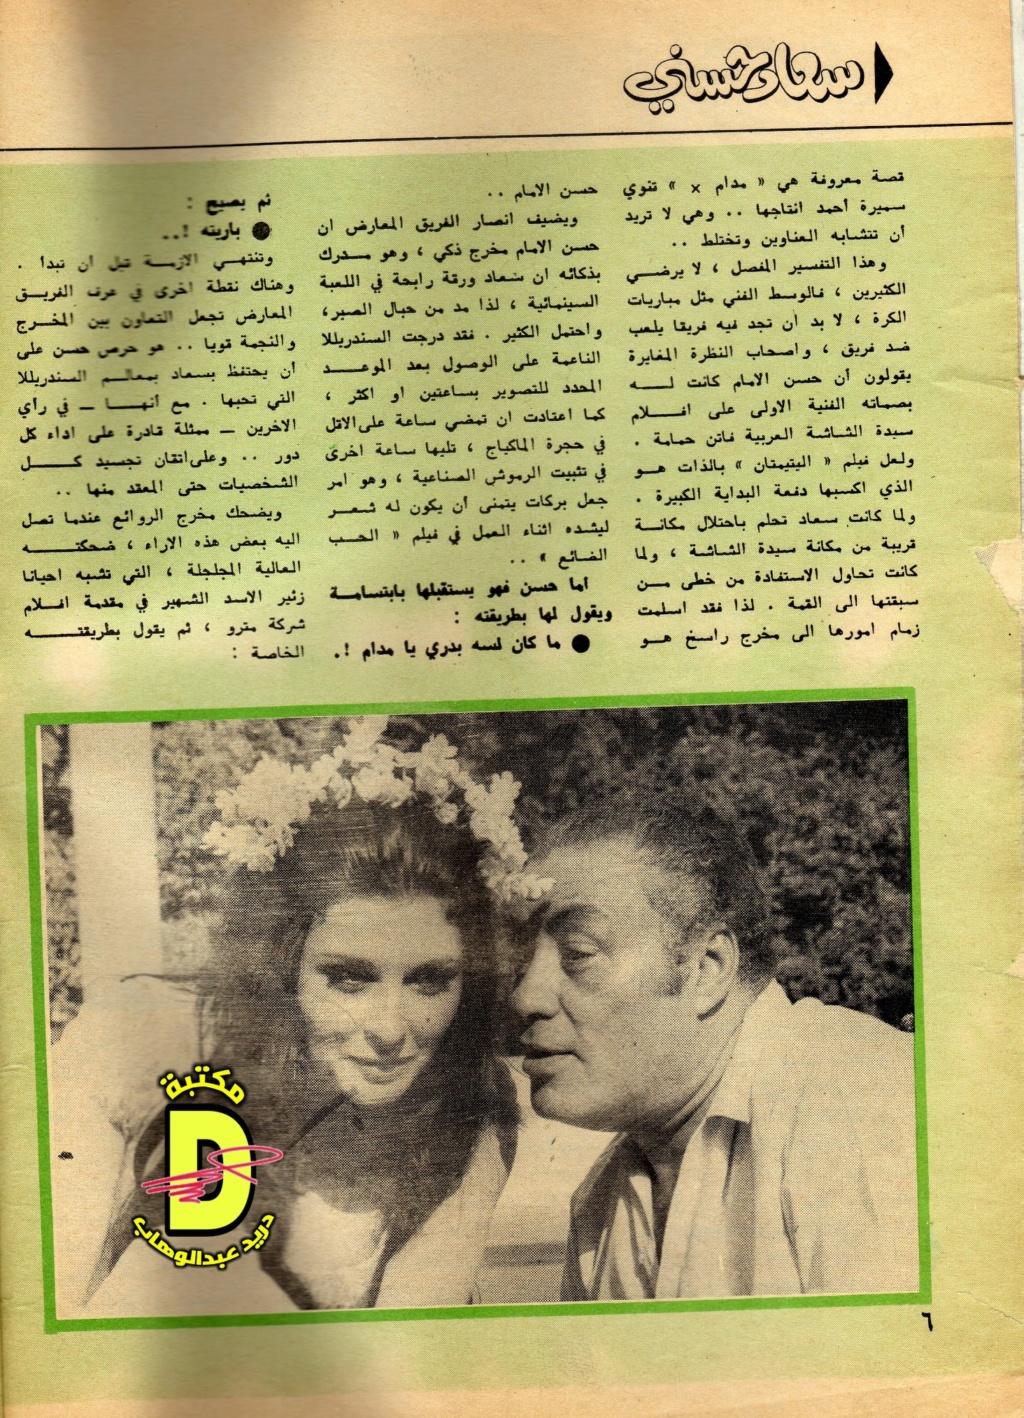 مقال صحفي : معركة كلامية وراء الكواليس .. حول سعاد حسني 1972 م 421